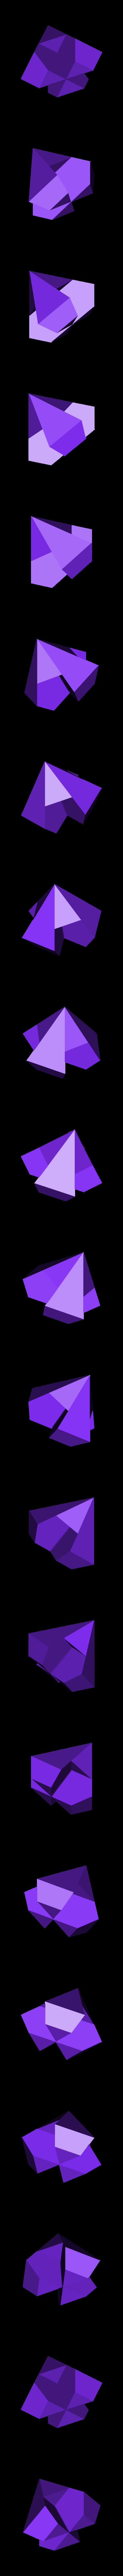 Diamond_Kawai.stl Download free STL file Diamond, Dodecahedron, Kawai Joint • Design to 3D print, LGBU